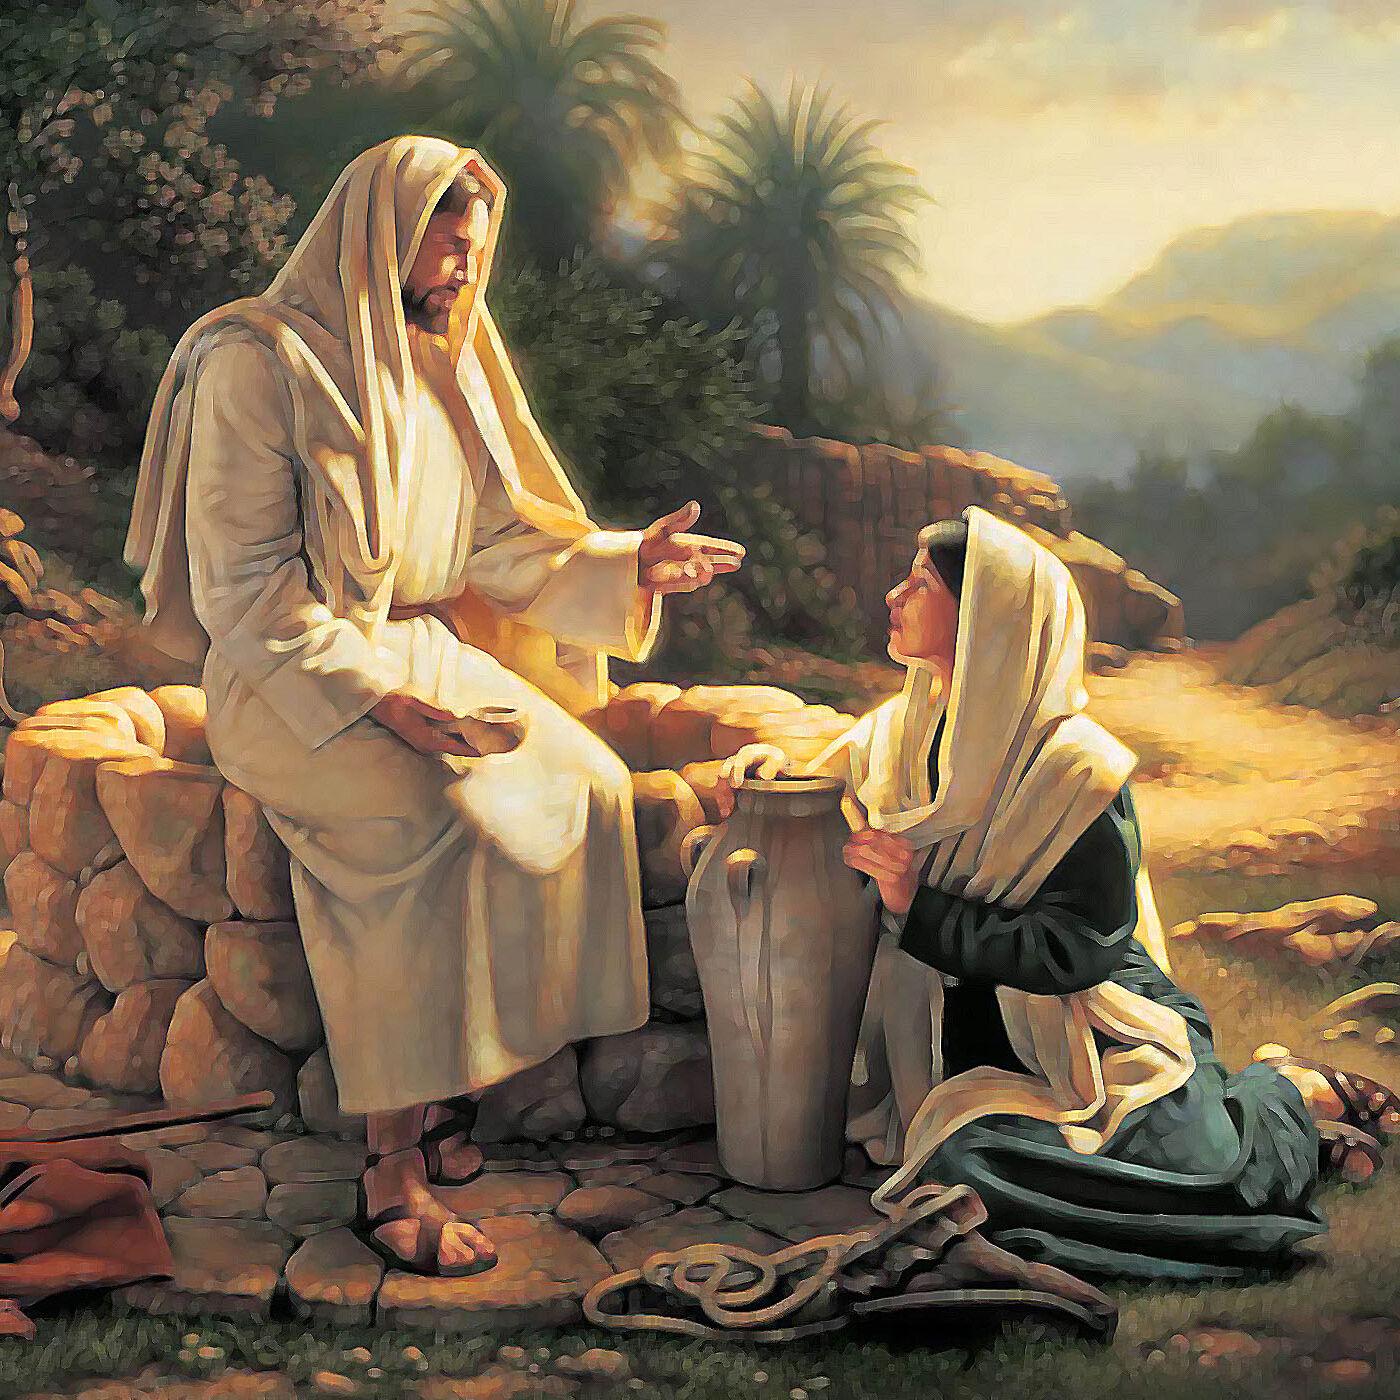 riflessioni sul Salmo di Mercoledì 2 Dicembre 2020 (Sal.22)